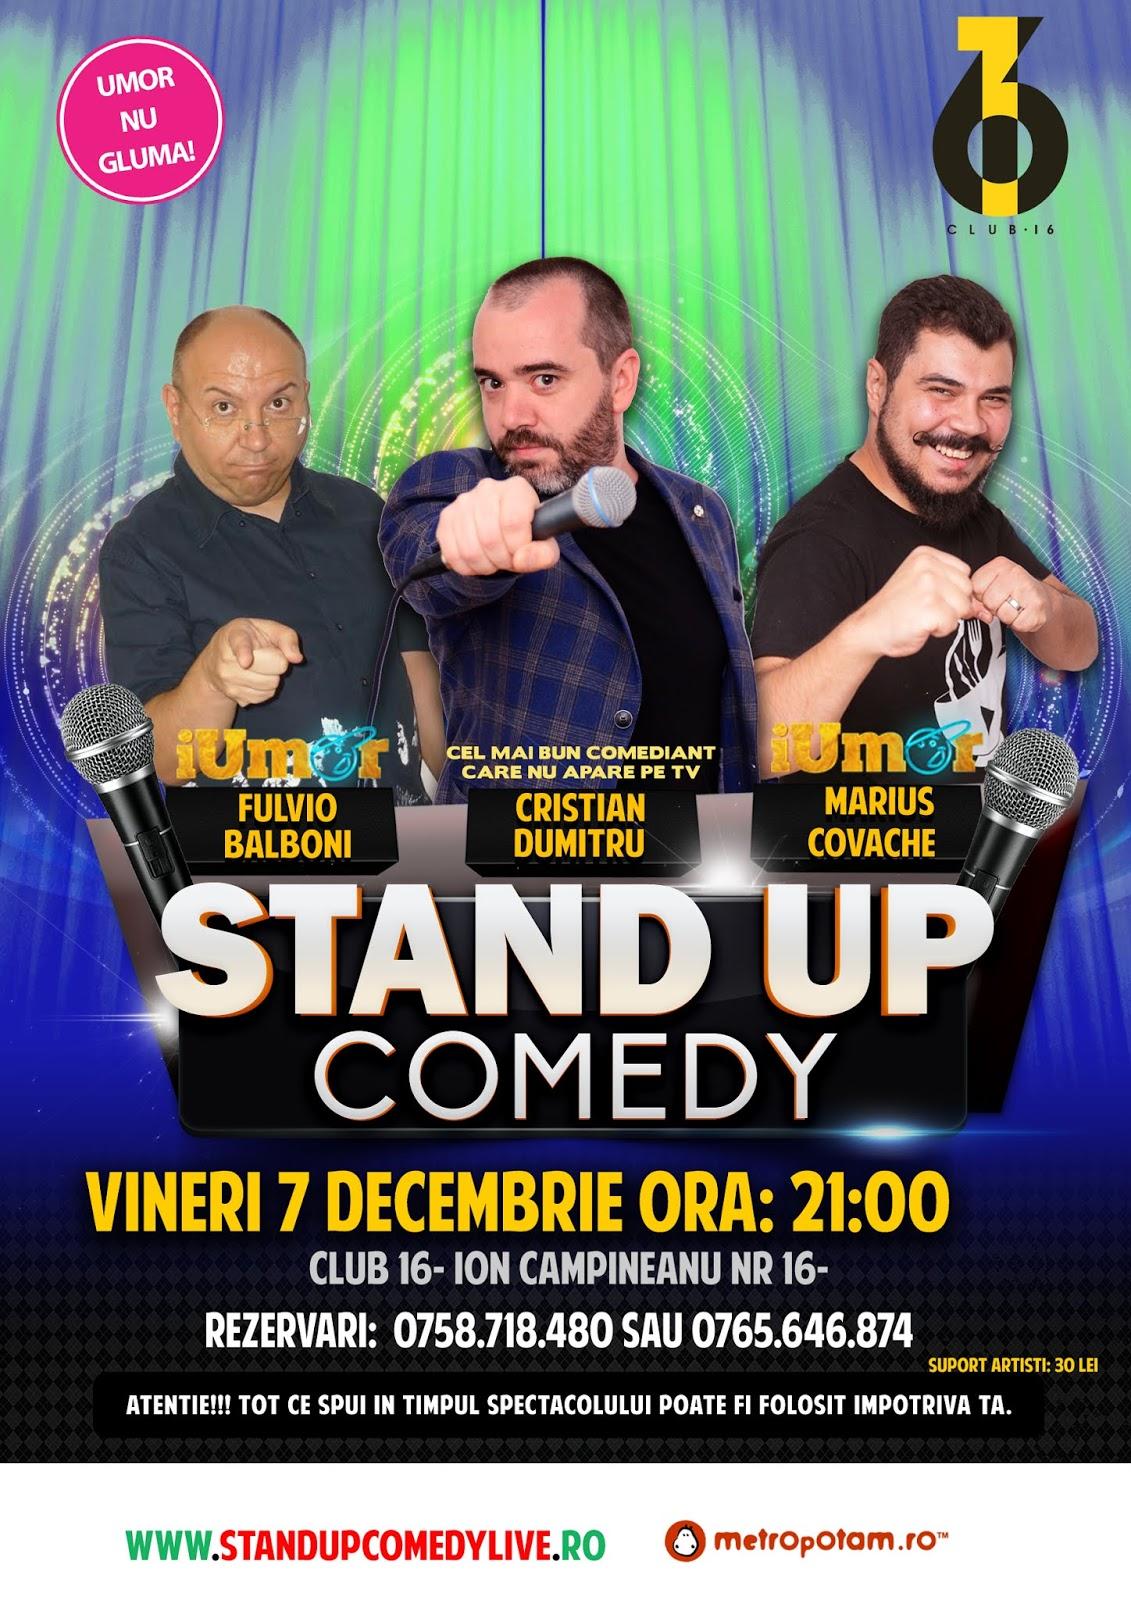 Stand-Up Comedy Bucuresti Vineri 7 Decembrie 2018